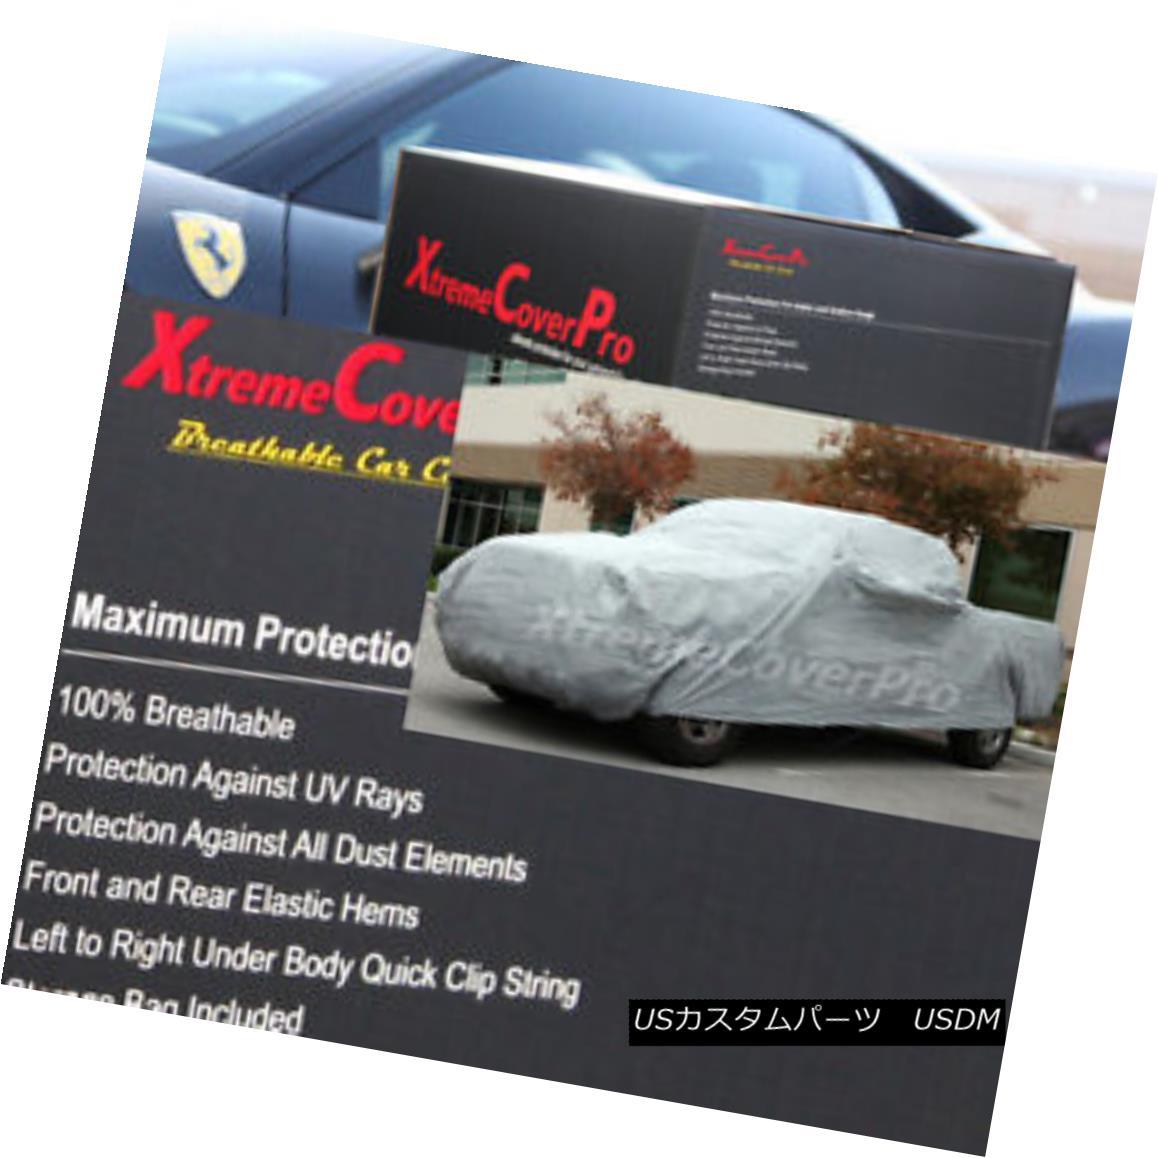 カーカバー 2009 2010 2011 2012 Ford F-150 Reg Cab 6.5ft Bed Breathable Truck Cover 2009 2010 2011 2012フォードF-150レッグキャブ6.5ftベッド通気性トラックカバー